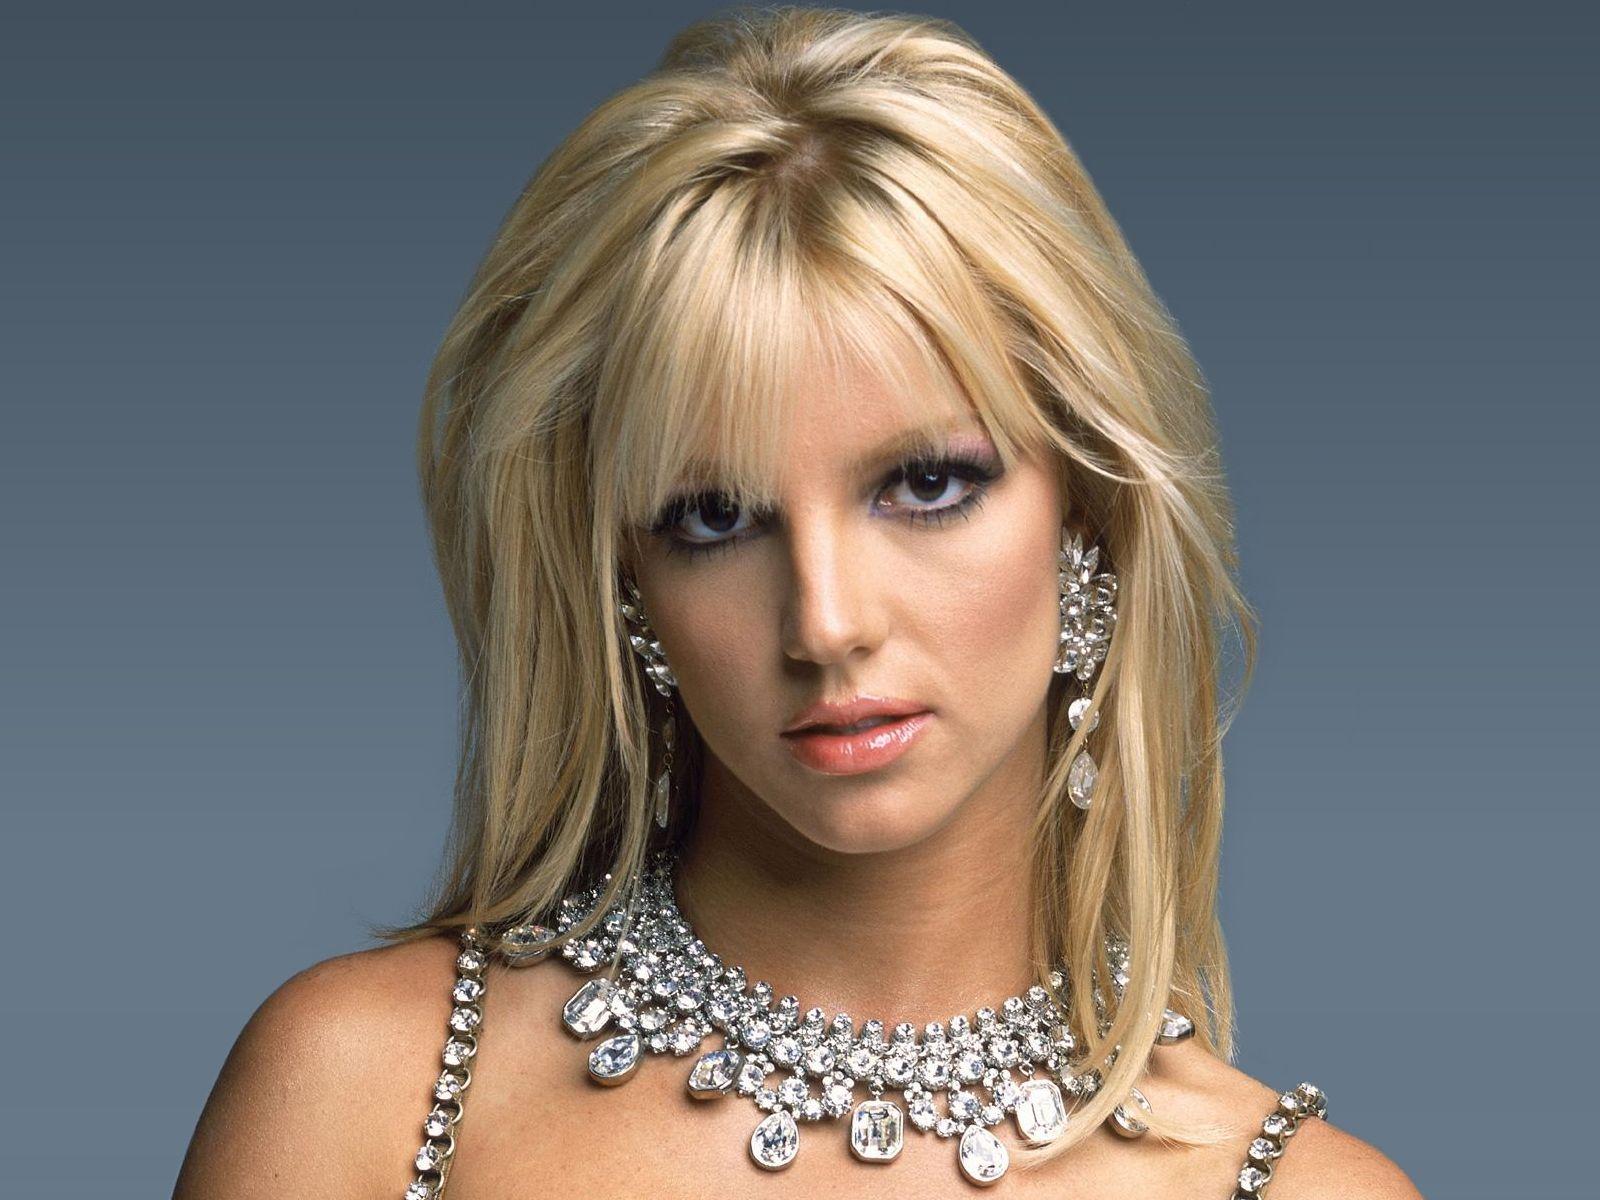 http://2.bp.blogspot.com/_dzcBEquLCq8/TUB-QeJ4zjI/AAAAAAAAAGw/HQLRqmoffrs/s1600/Britney_Spears_wallpaper_30.jpg